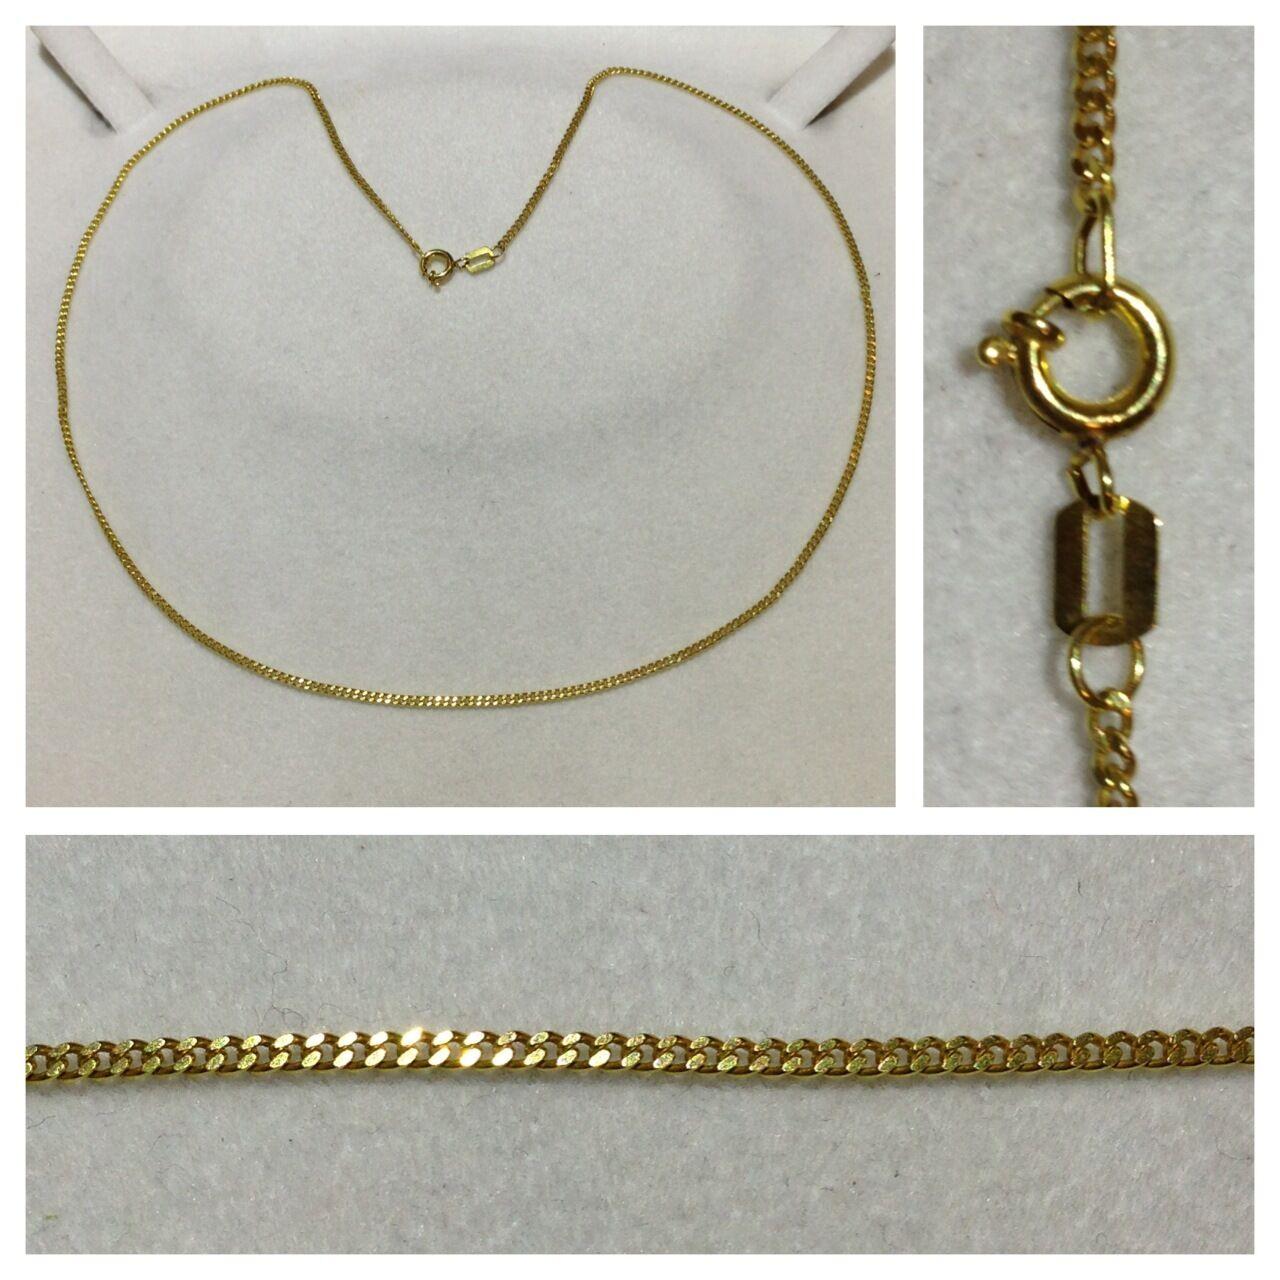 goldkette Collier 333 er gold Kette aus gold 8 Karat goldcollier L 45 cm